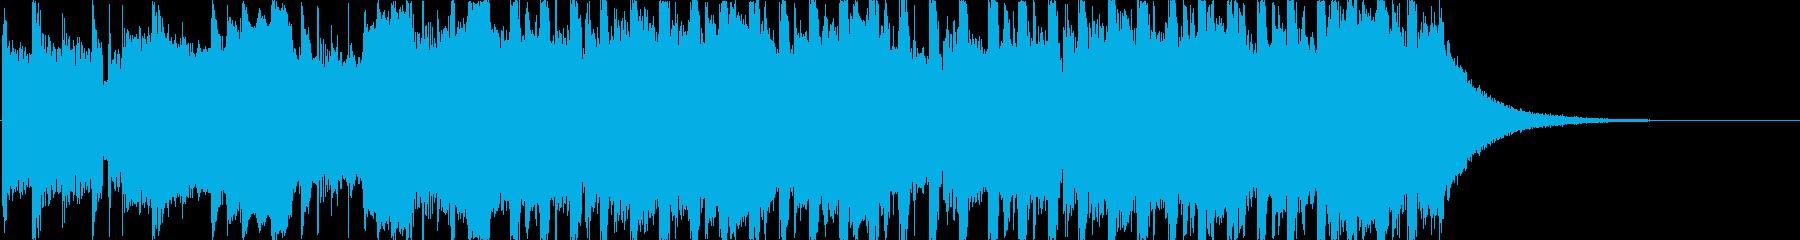 ヘヴィロック アクション 楽しげ ...の再生済みの波形